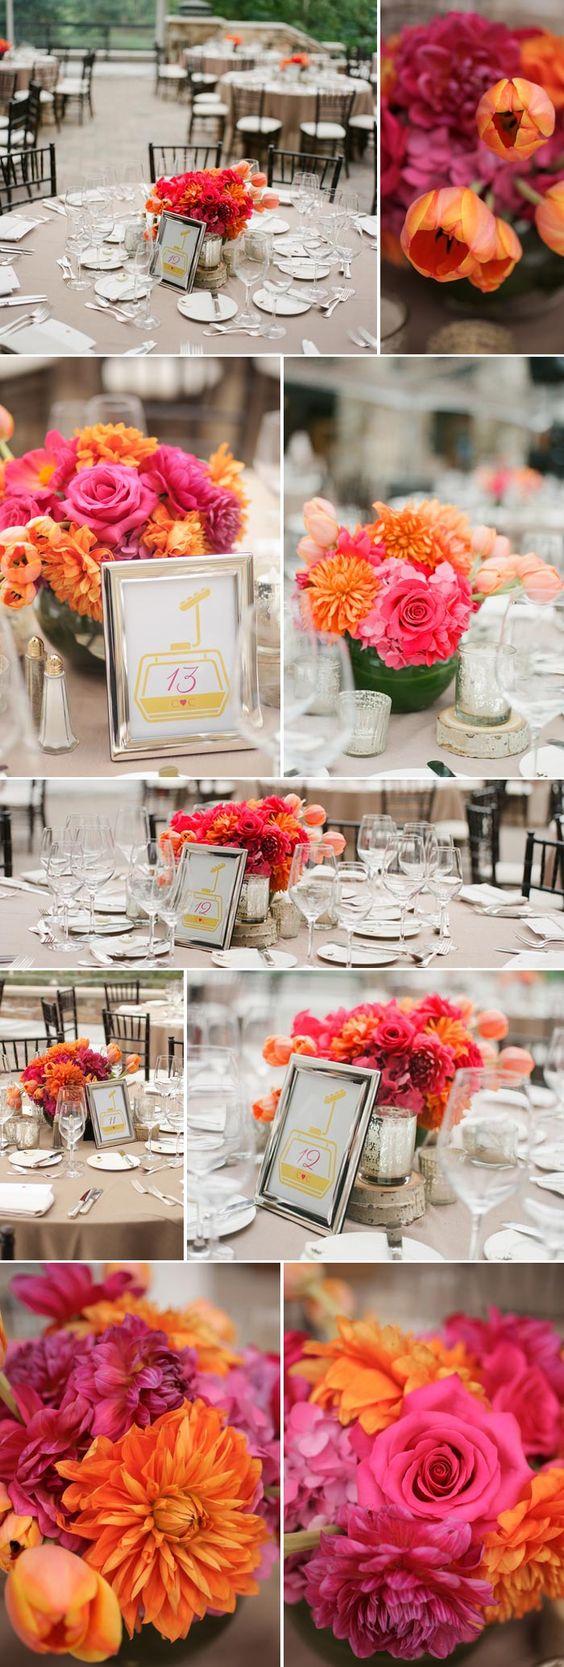 Zur Hochzeit: Tischdeko in Pink & Orange mit vielen Blumen © Pepper Nix Photography